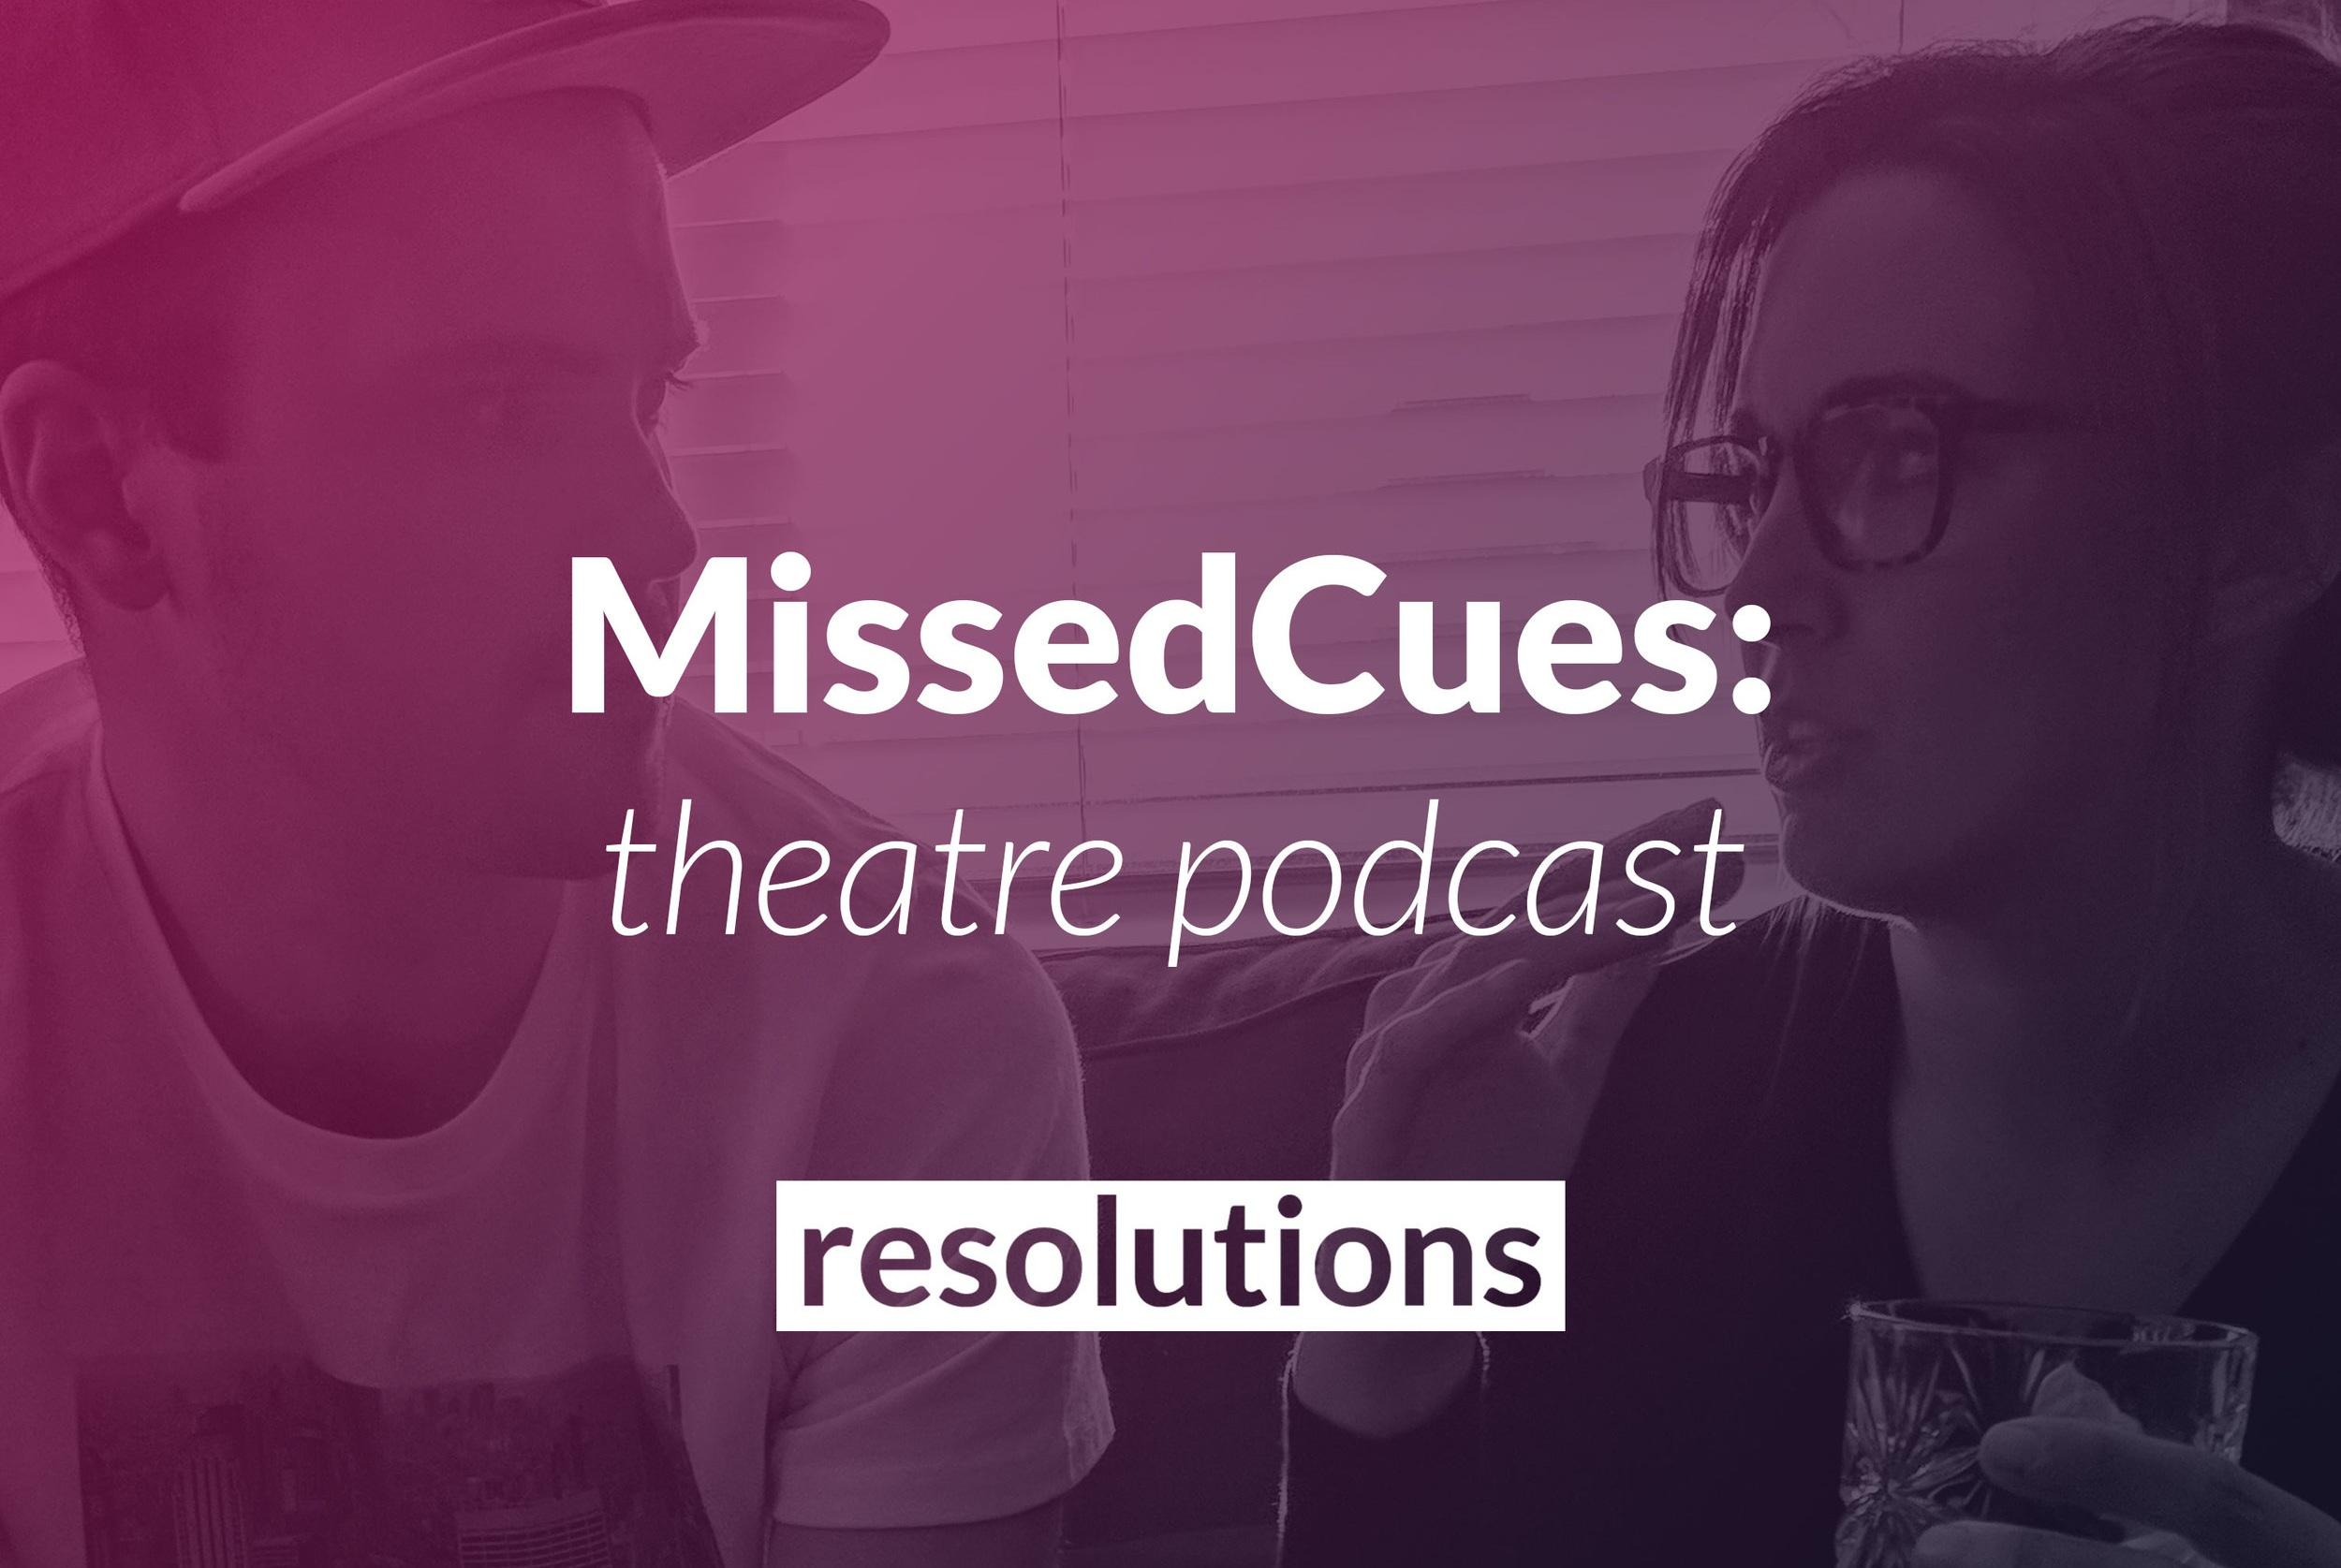 Missed-Cues-Episode1-Artwork-v2.jpg